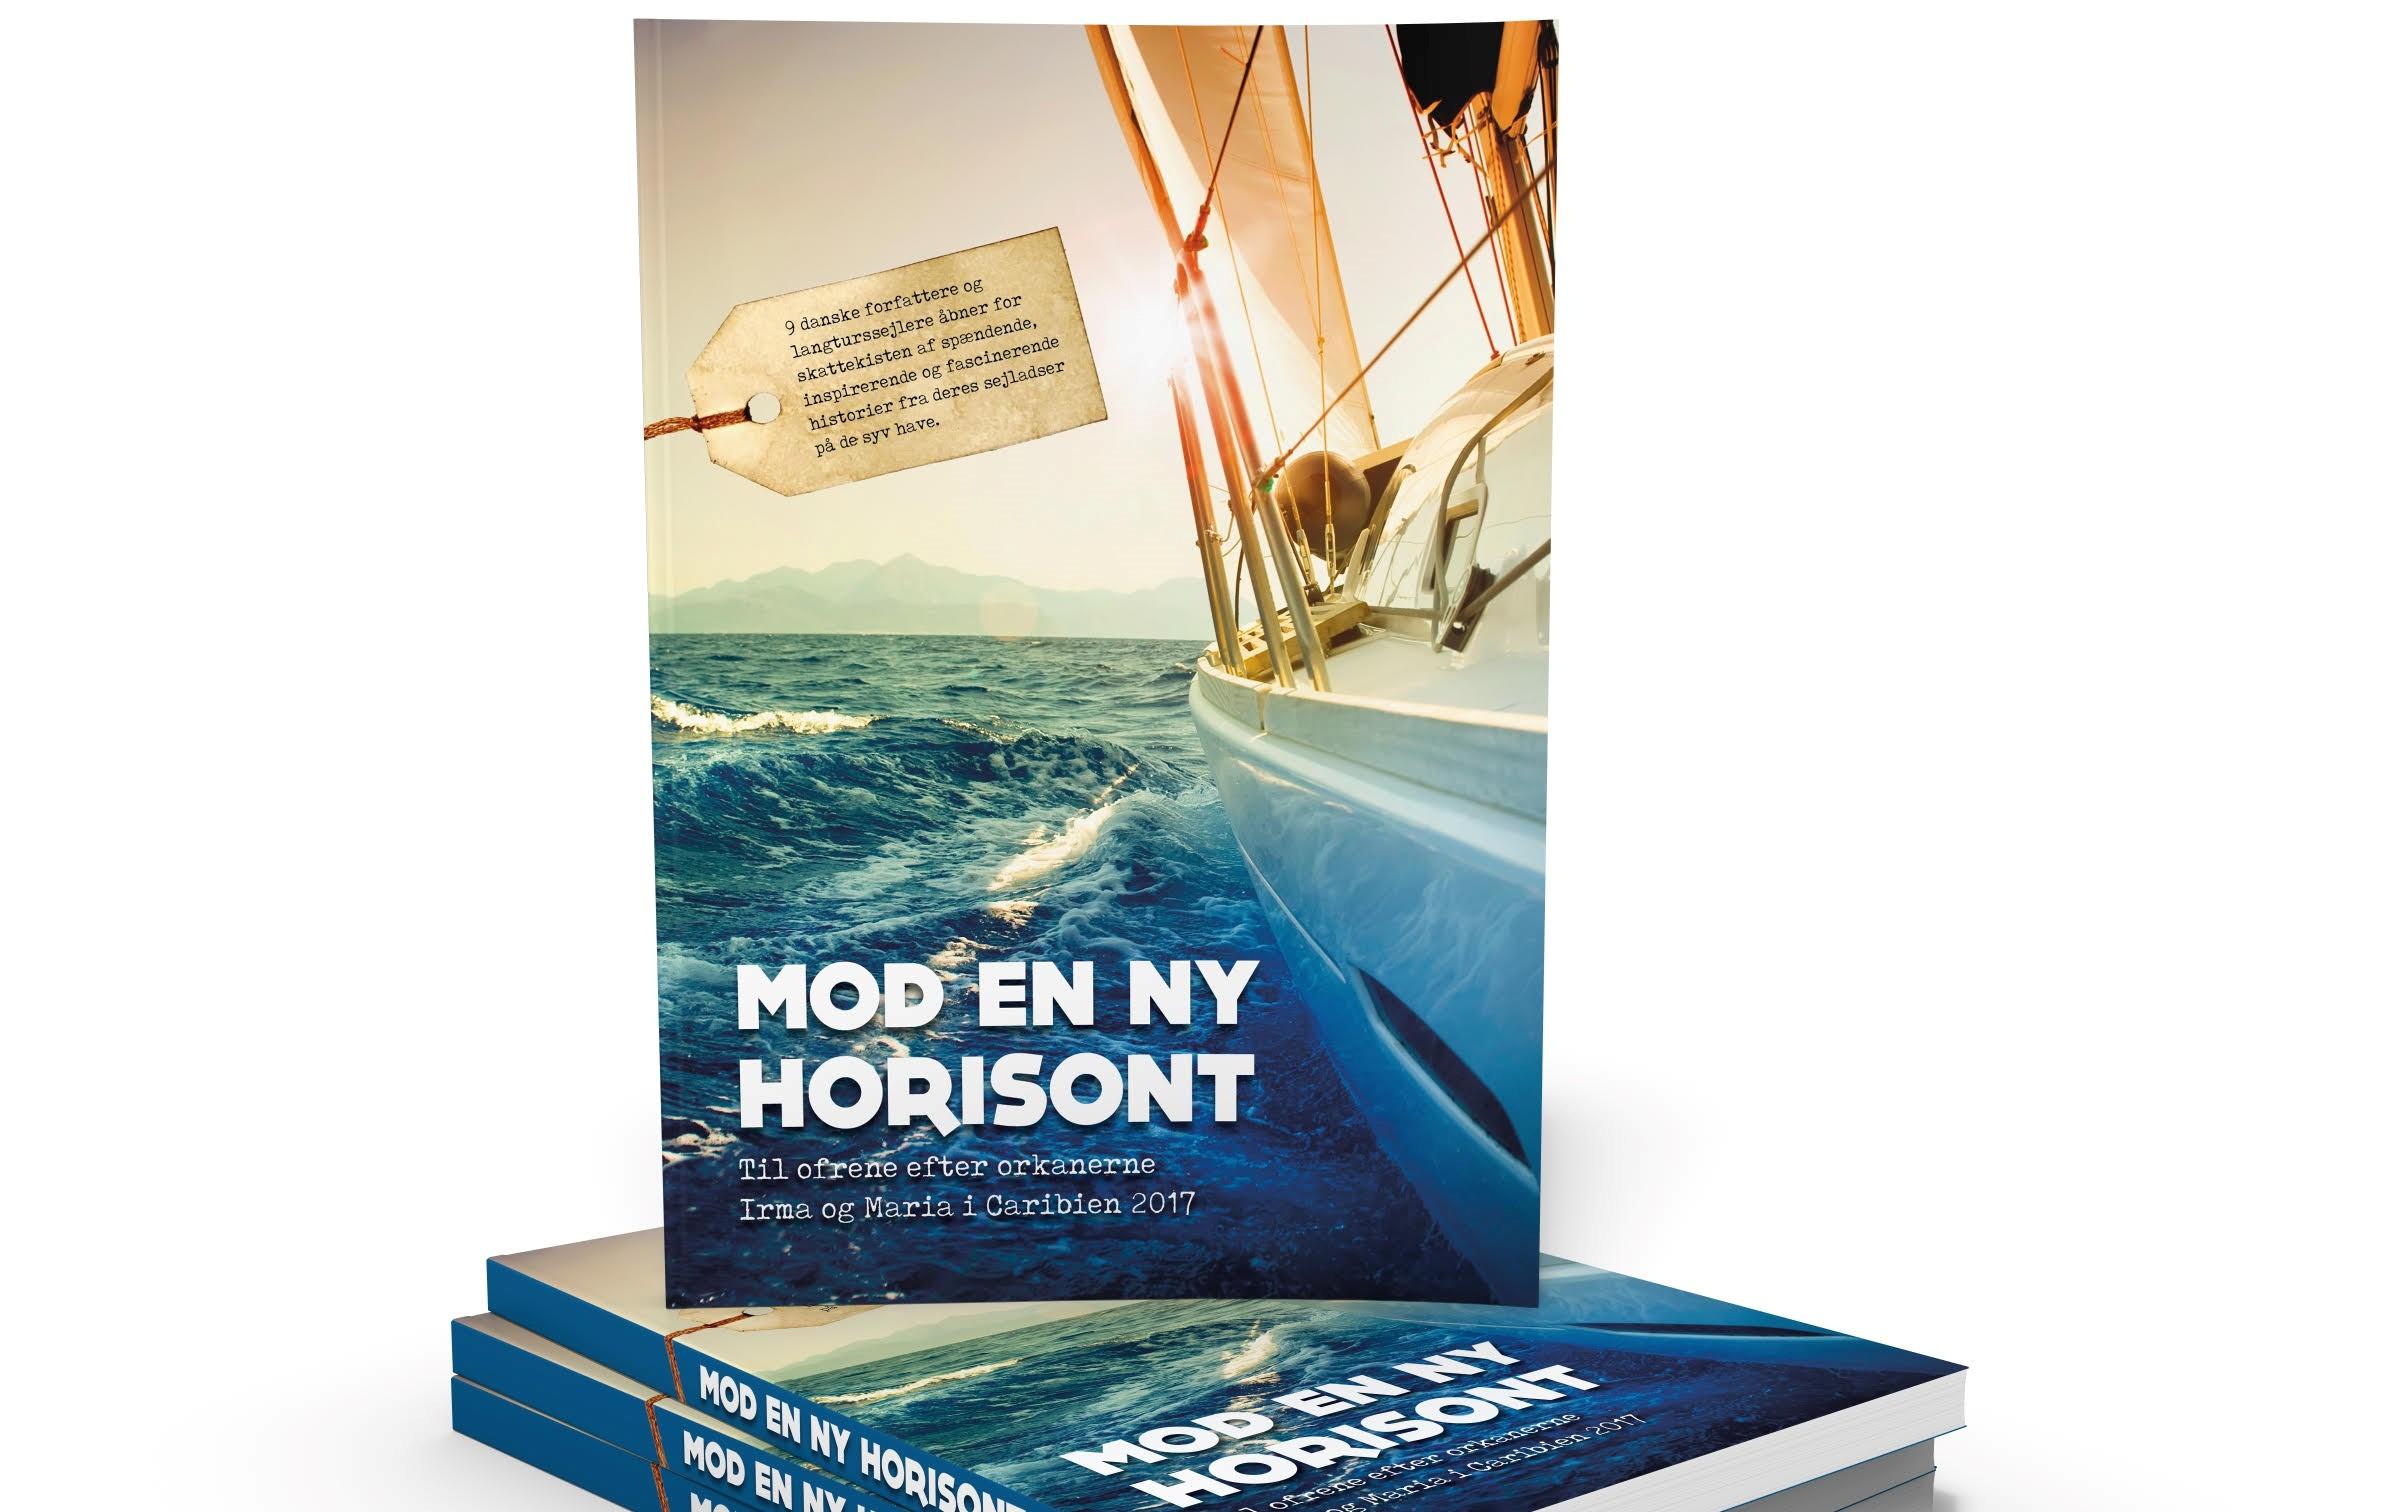 I 'Mod en ny horisont' åbner en række danske forfattere og langturssejlere for skattekisten af spændende, inspirerende og fascinerende historier fra de syv have.